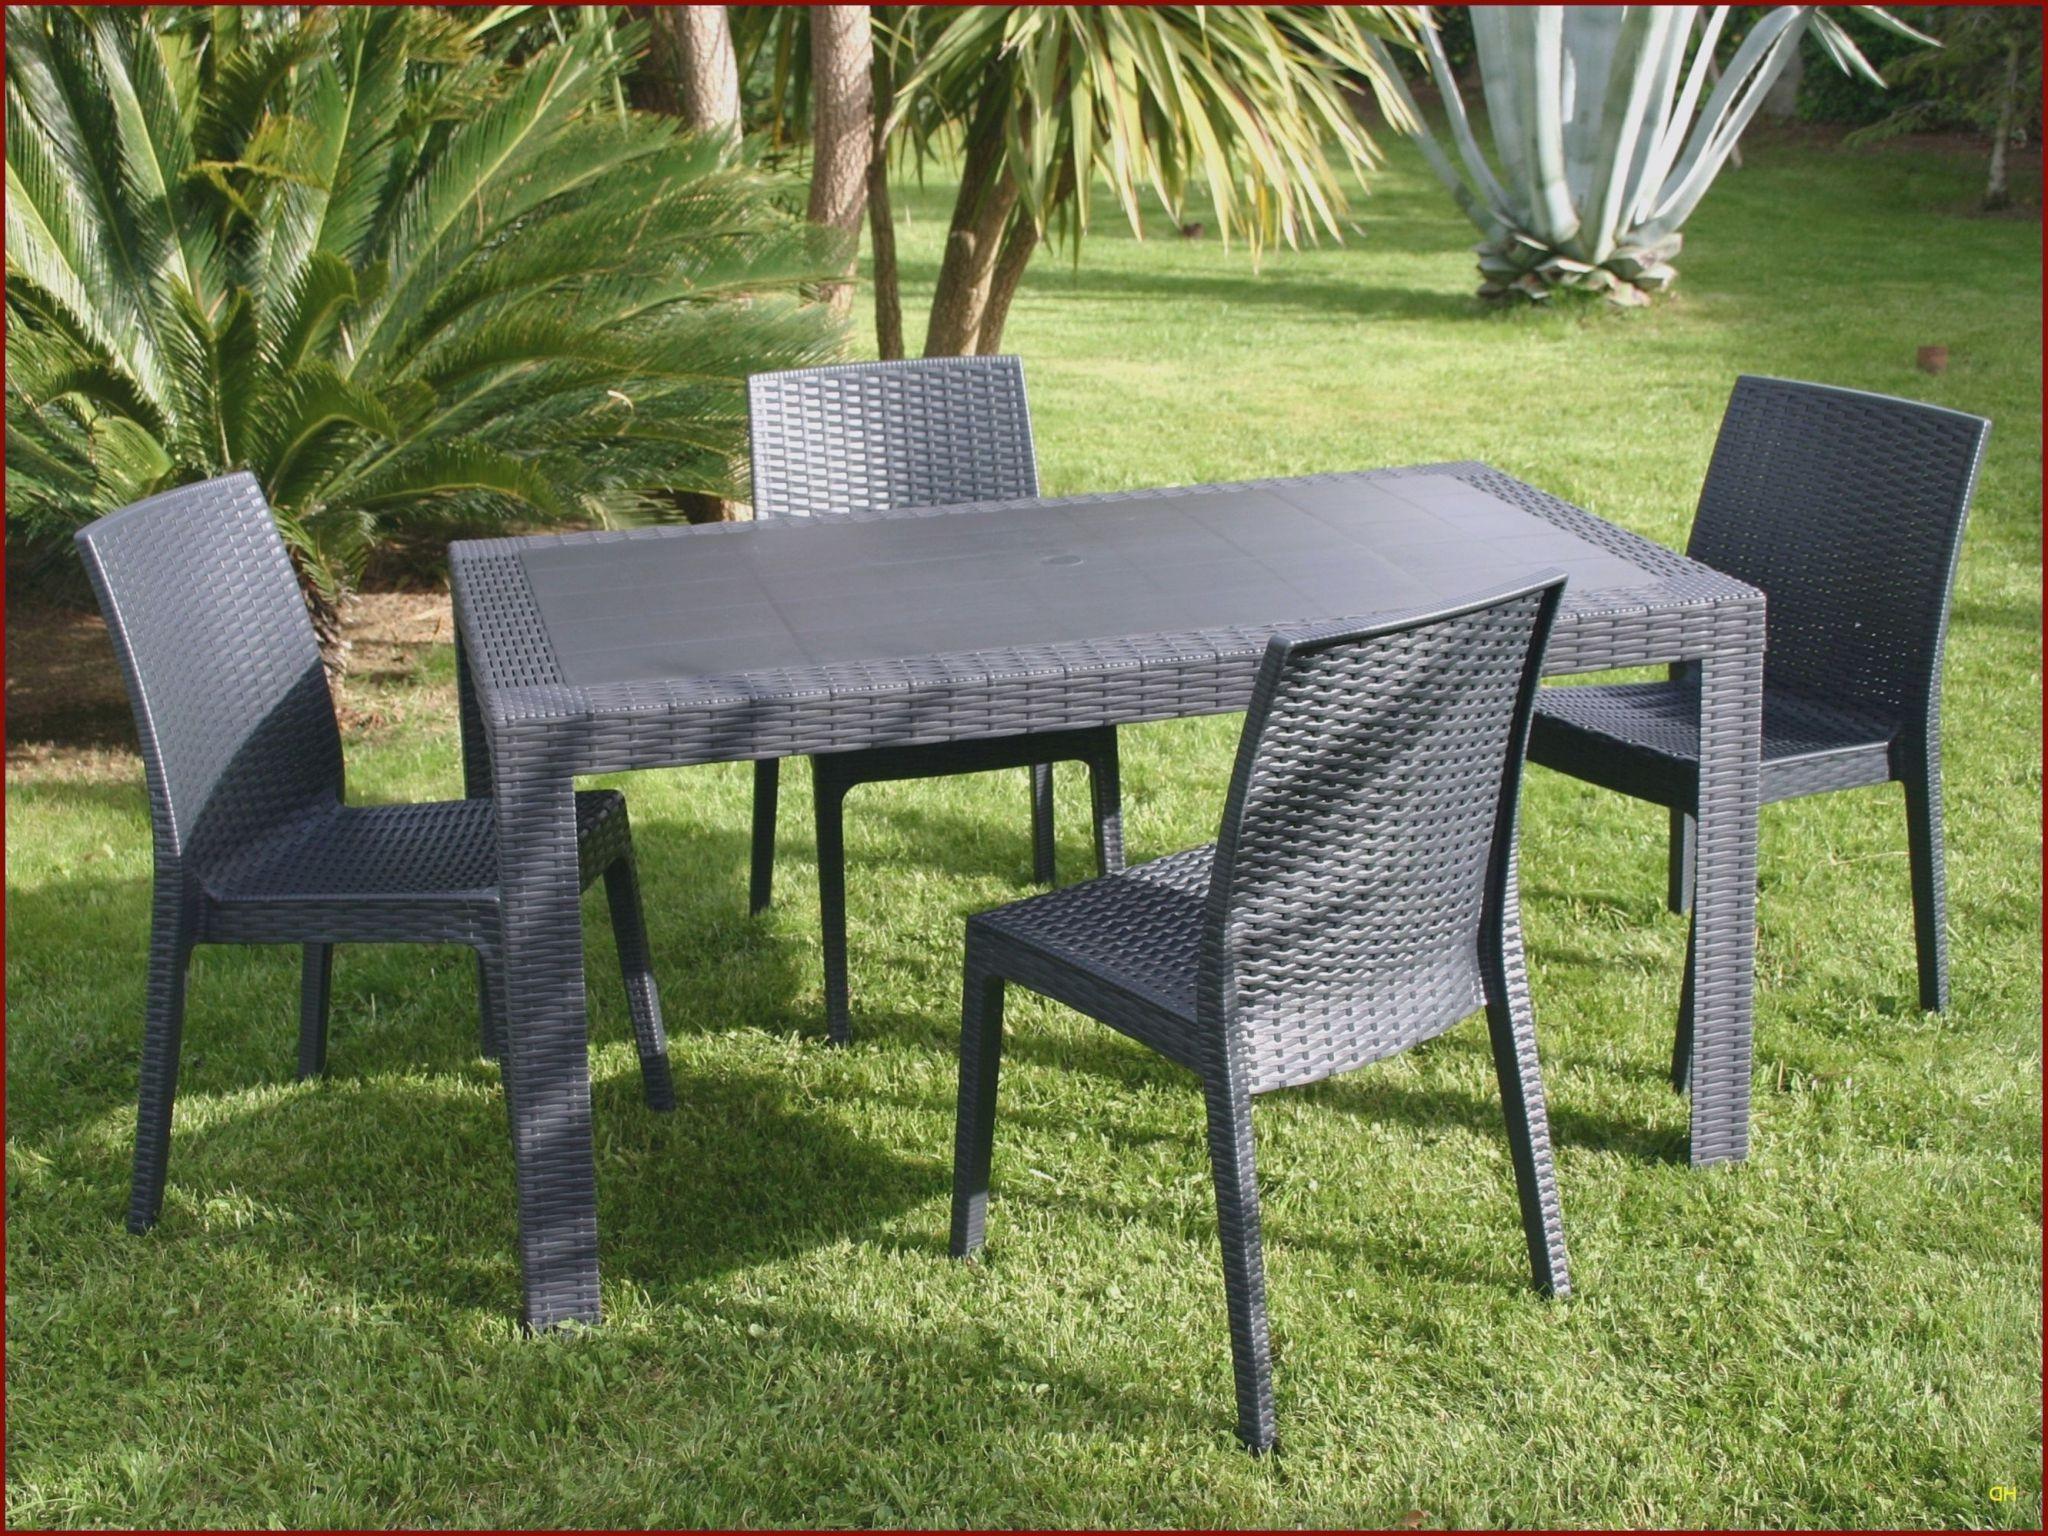 Mobilier Exterieur Pas Cher Luxe 58 Mobilier De Jardin Pas ... avec Tables De Jardin Pas Cher